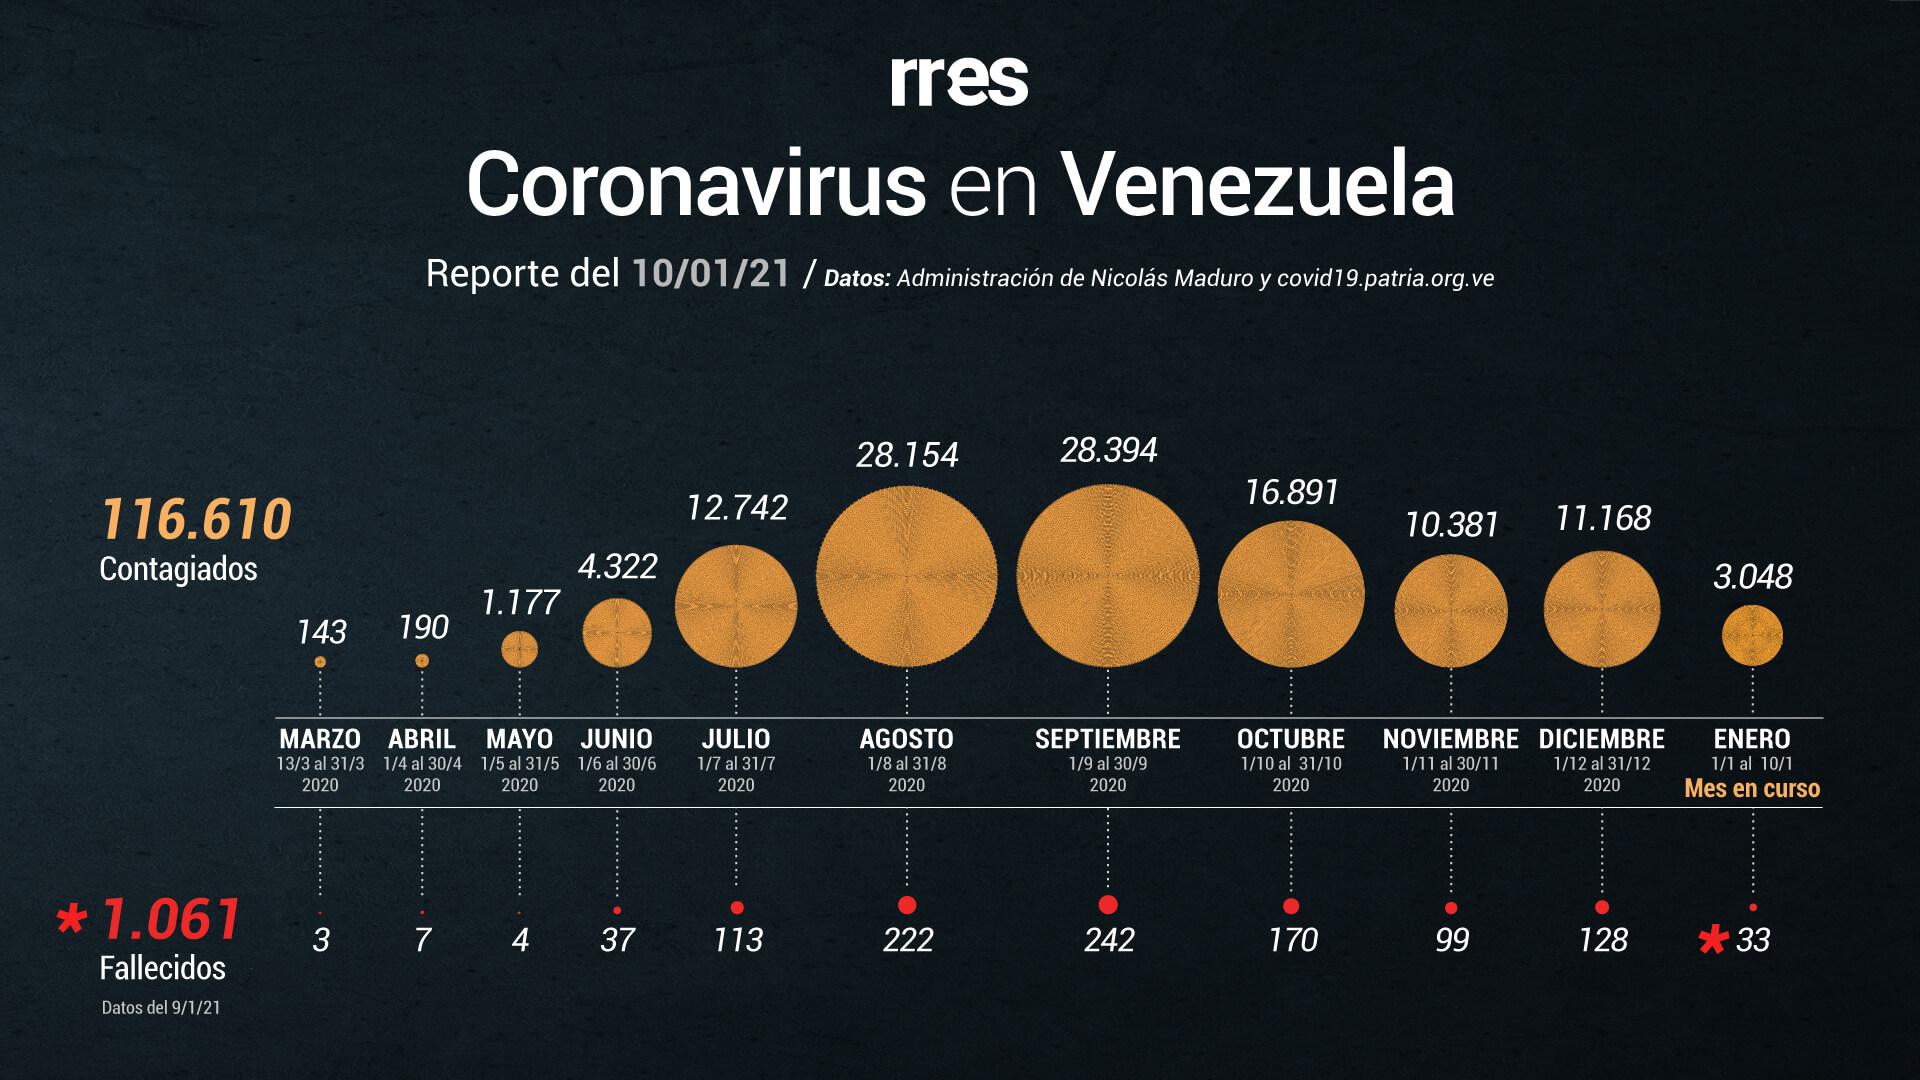 Venezuela registra 438 casos de COVID-19 este #10Ene